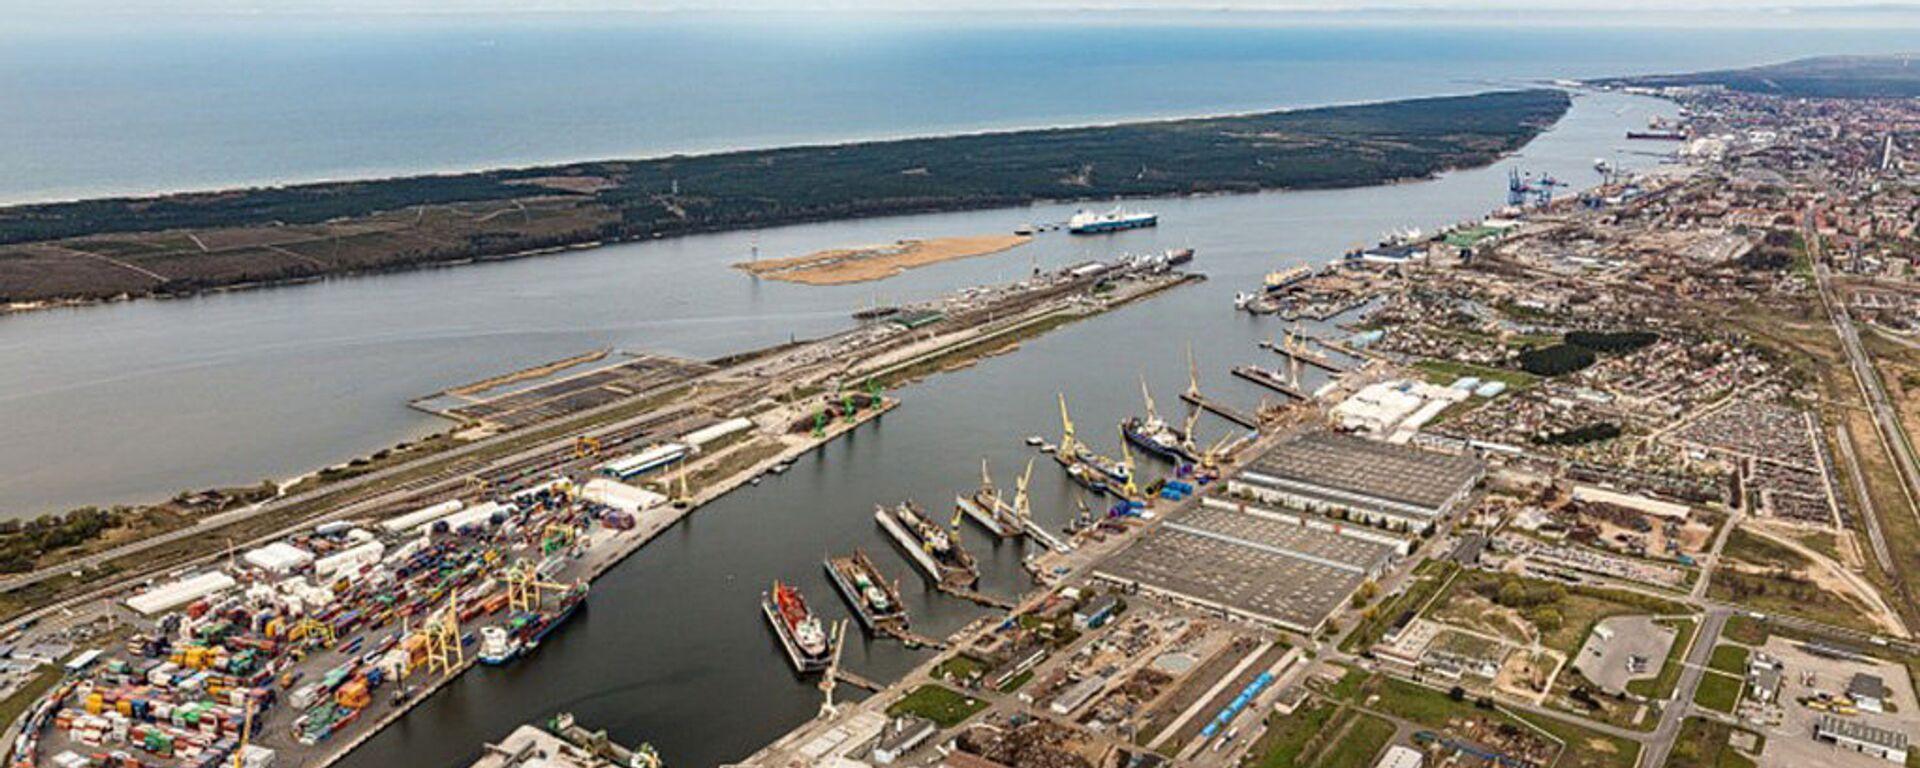 Клайпедский морской порт - Sputnik Латвия, 1920, 11.12.2020